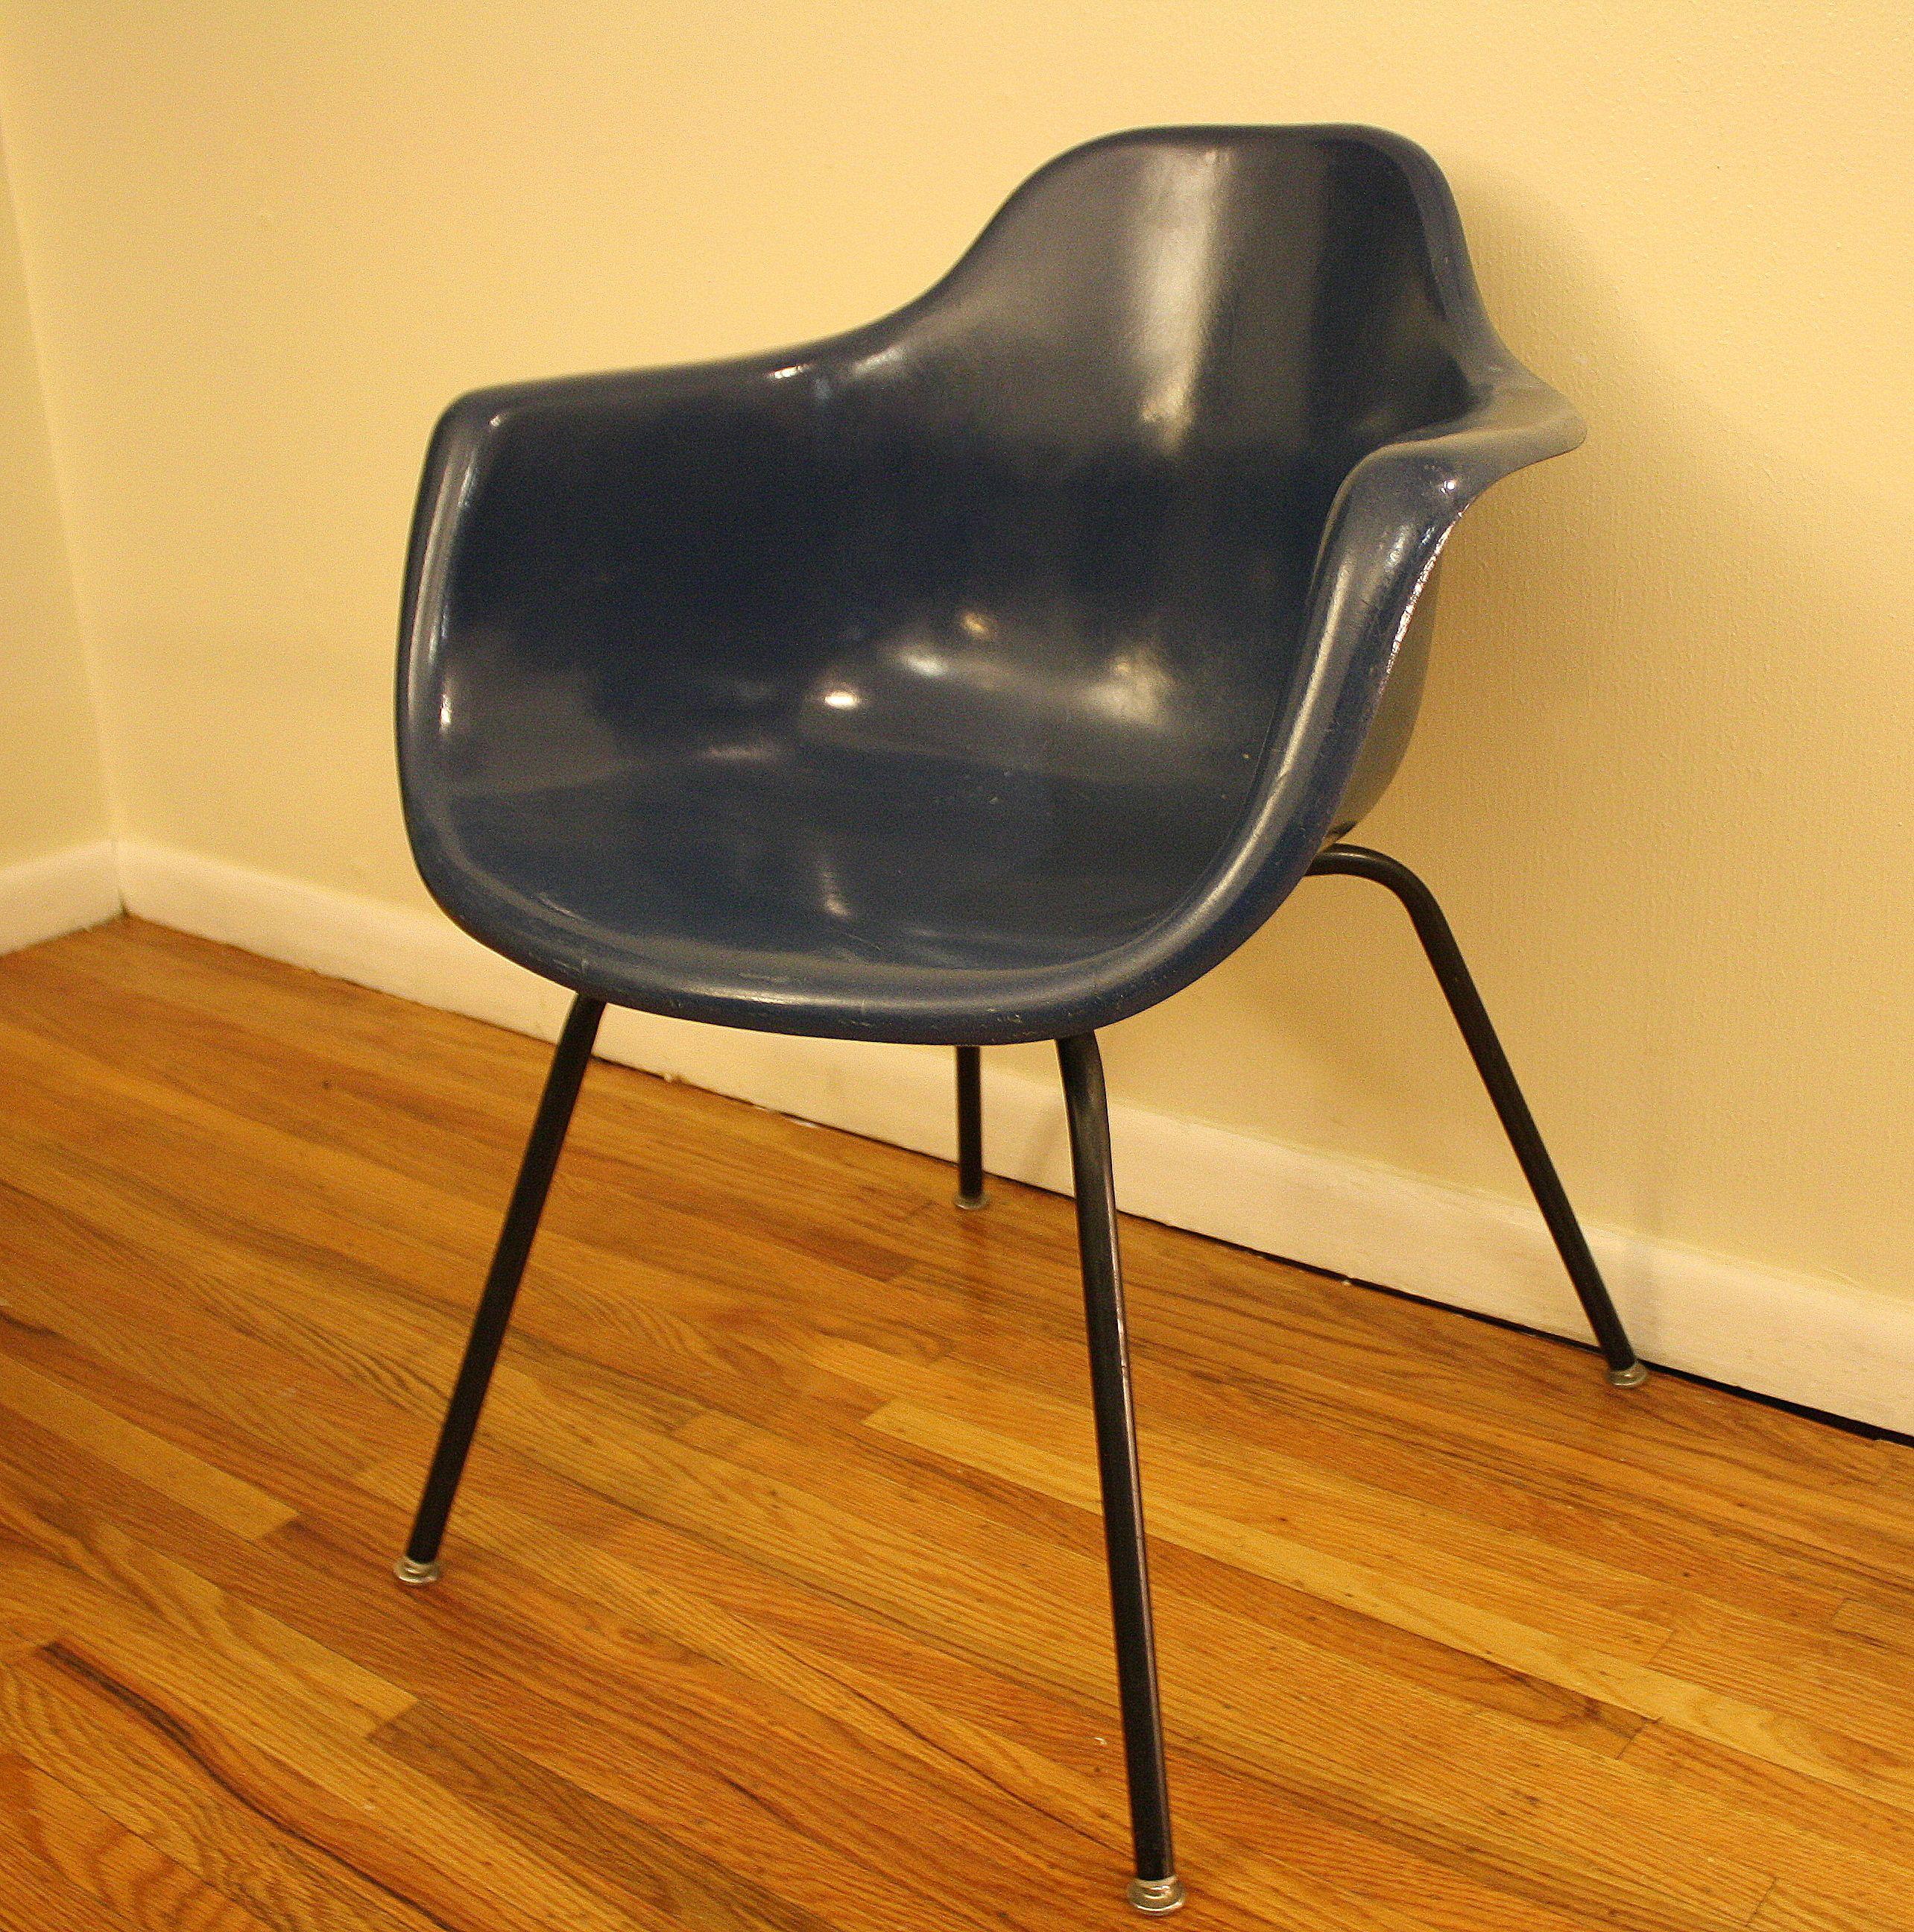 Beau Mid Century Modern Fiberglass Shell Chair By Krueger